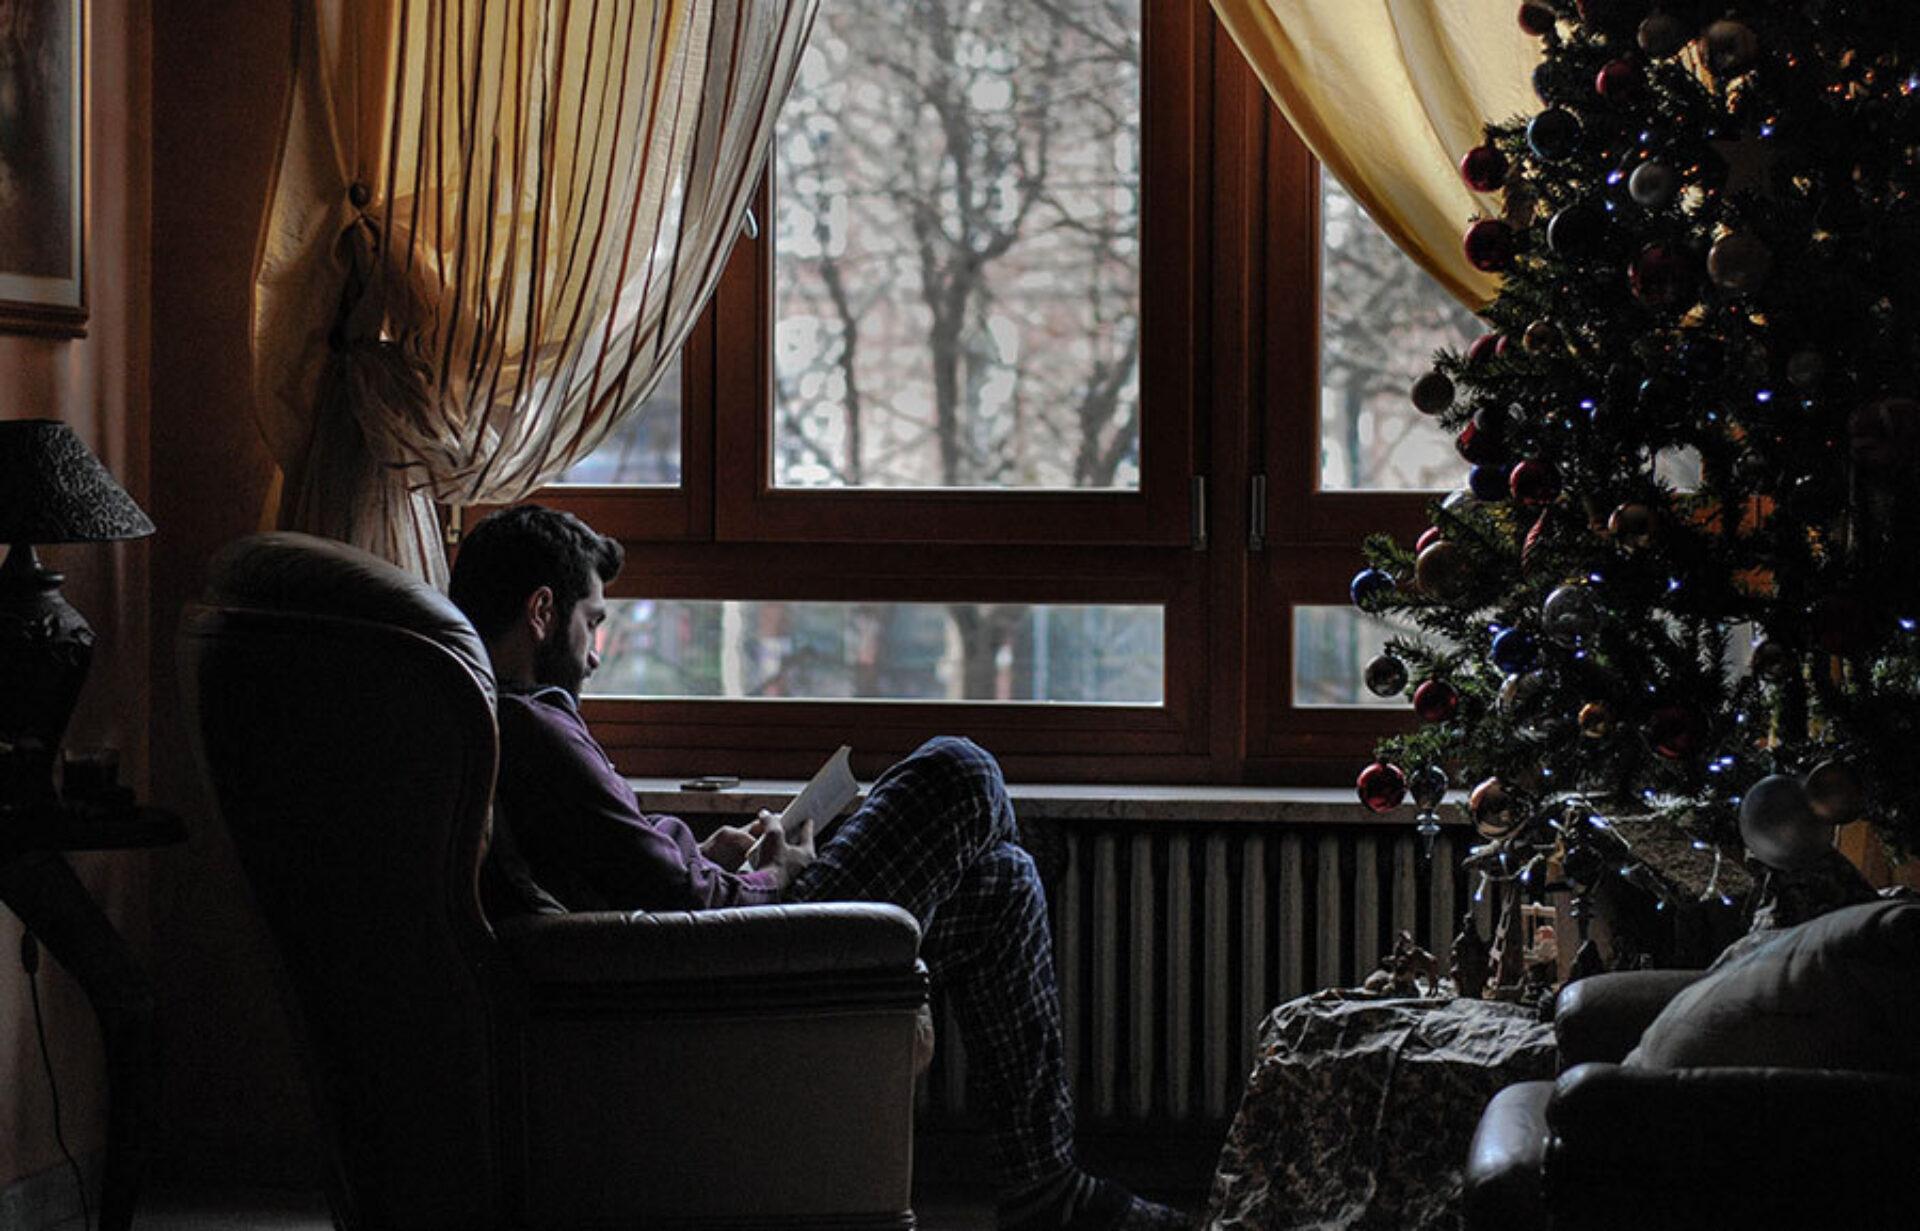 Kerstmis skippen: zorgen de strenge coronamaatregelen voor sterfte door eenzaamheid?